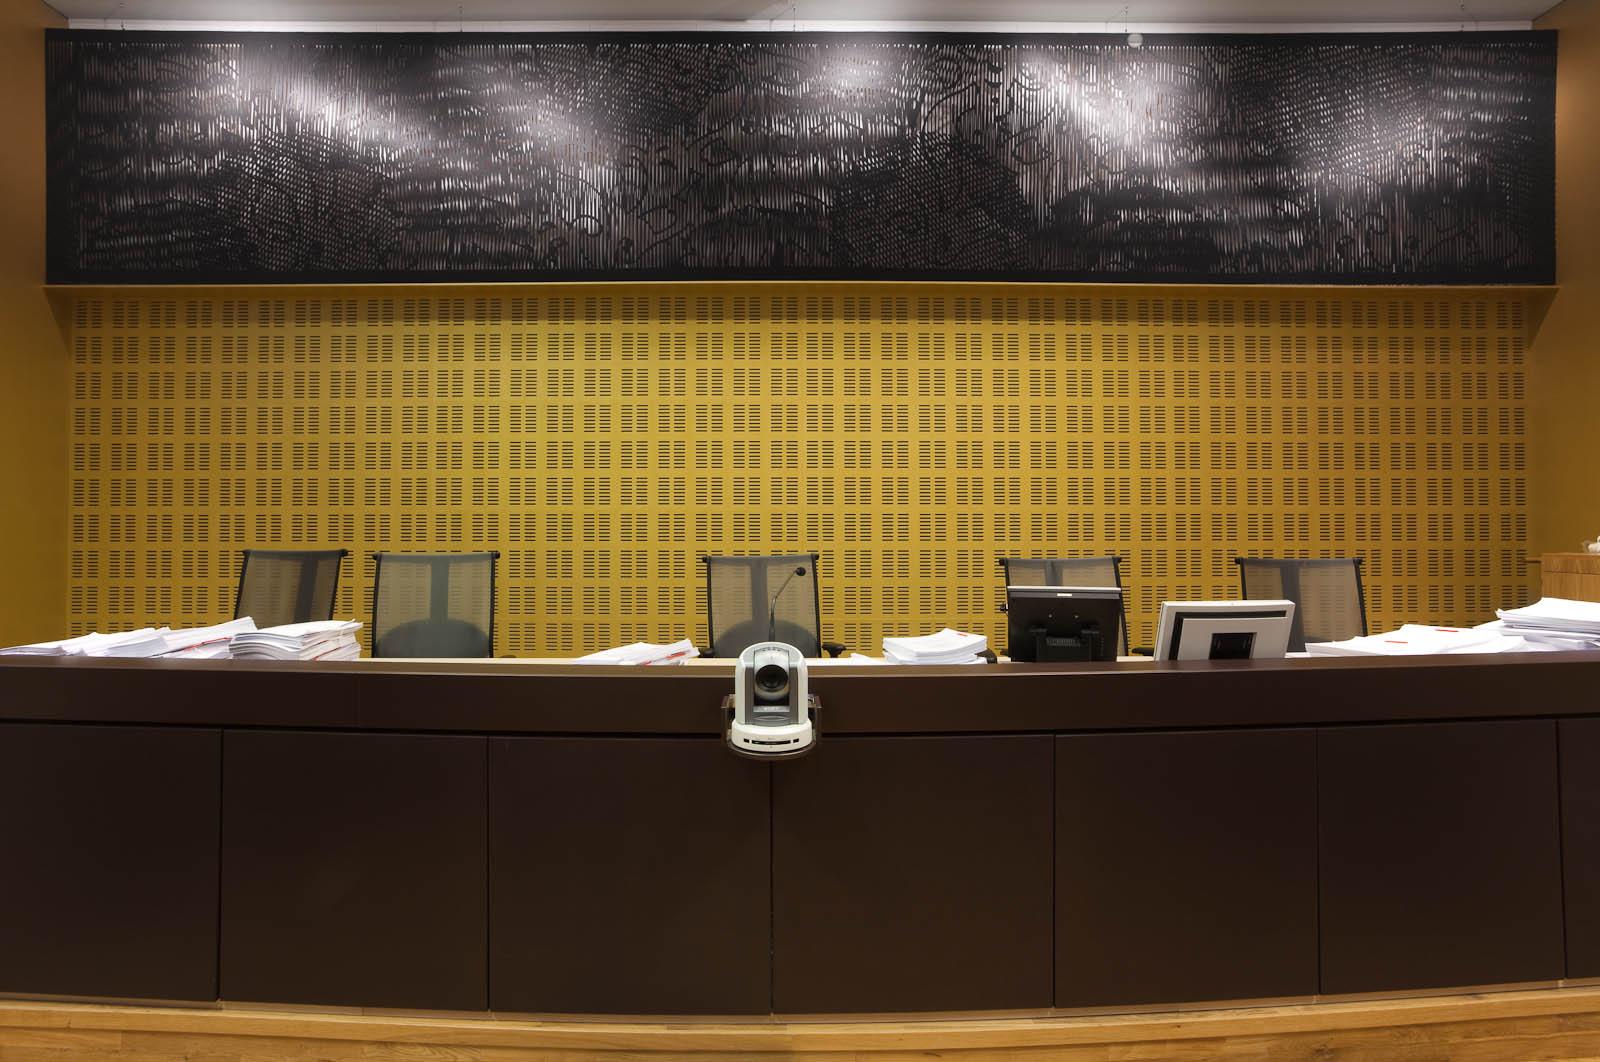 Panel på väggen ovanför domarbordet. Svart med utskuret mönster. May Bente Aronsen, Lyssnande vägg